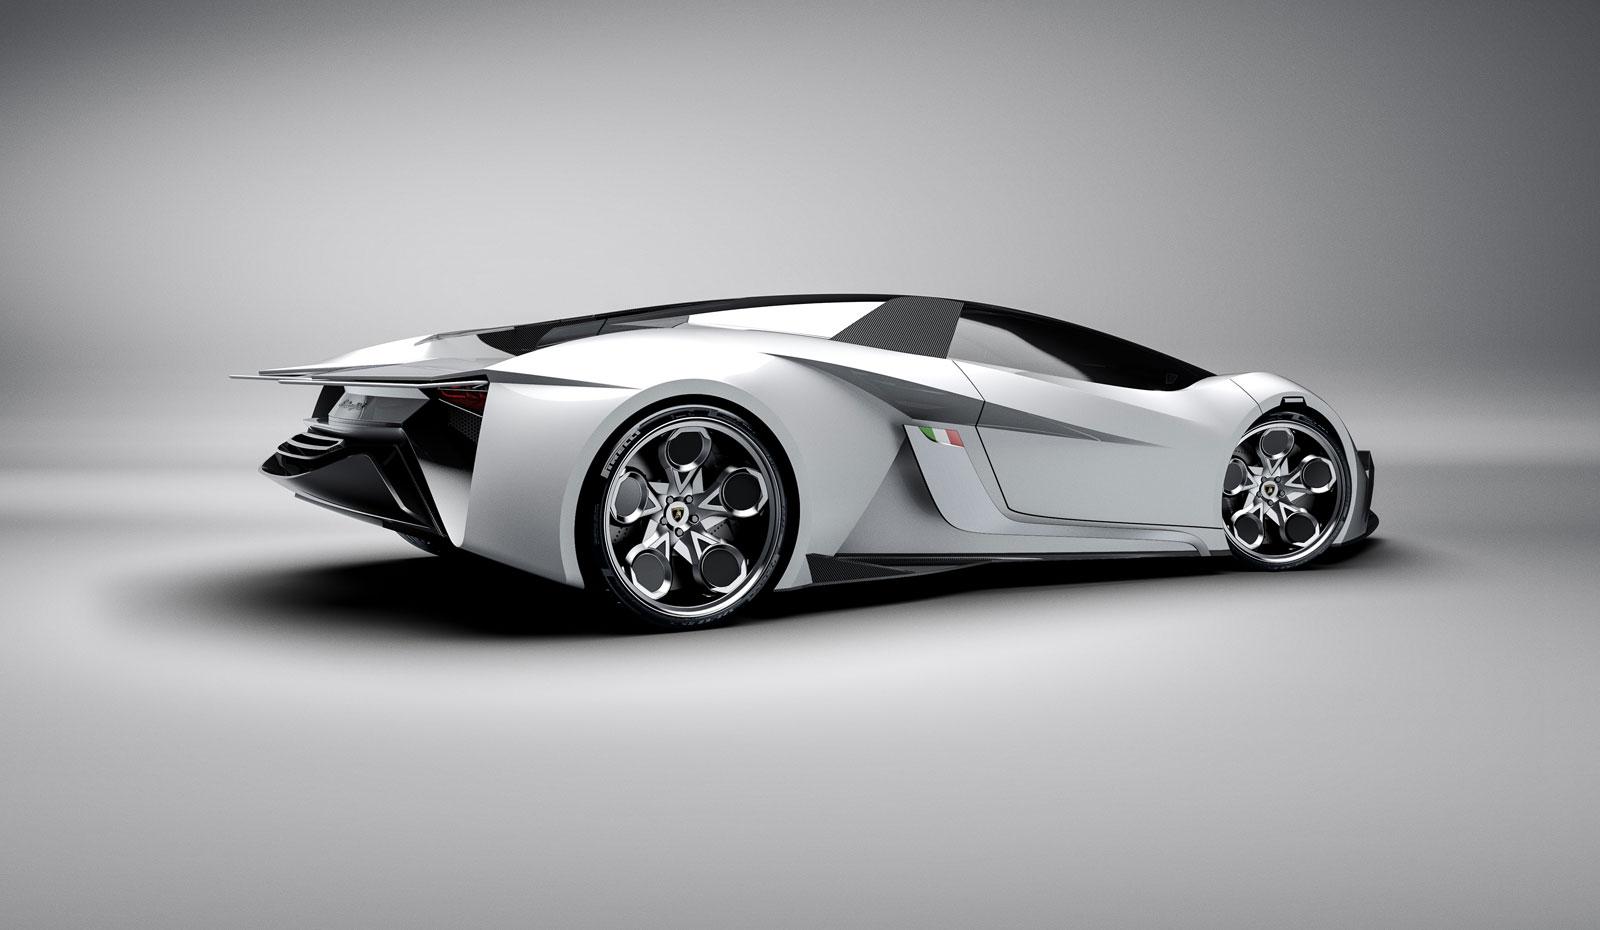 http://4.bp.blogspot.com/-Y_F9DylyLZY/UiuvZ0G86tI/AAAAAAAApFM/9X_cczc5VjA/s1600/2013+Lamborghini+Diamante+Concept%252C%252C.jpg